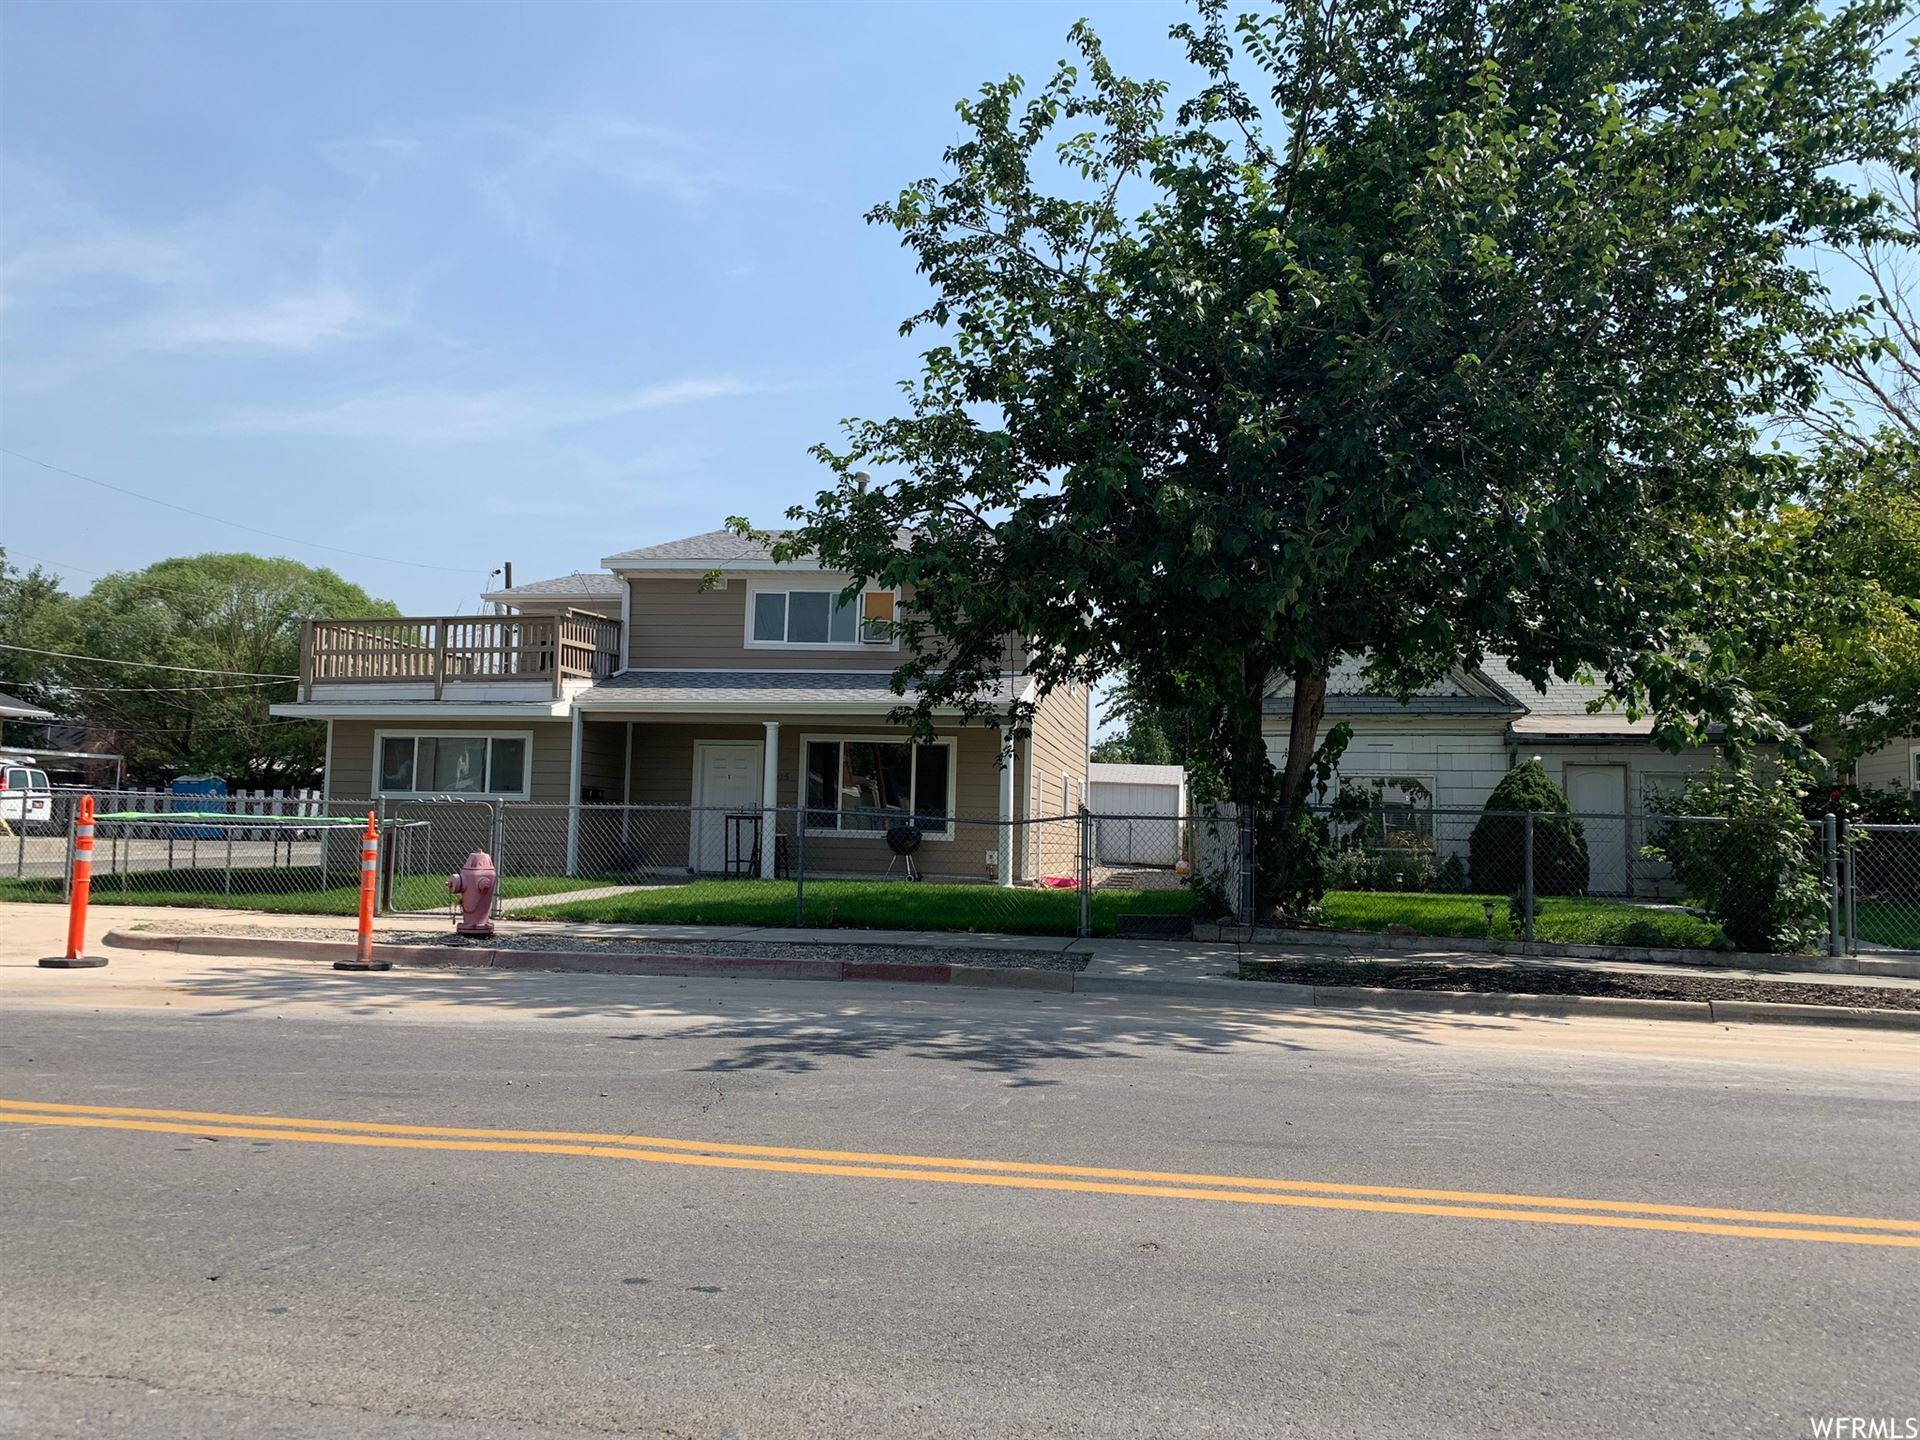 Photo of 7805 S MAIN ST, Midvale, UT 84047 (MLS # 1767249)